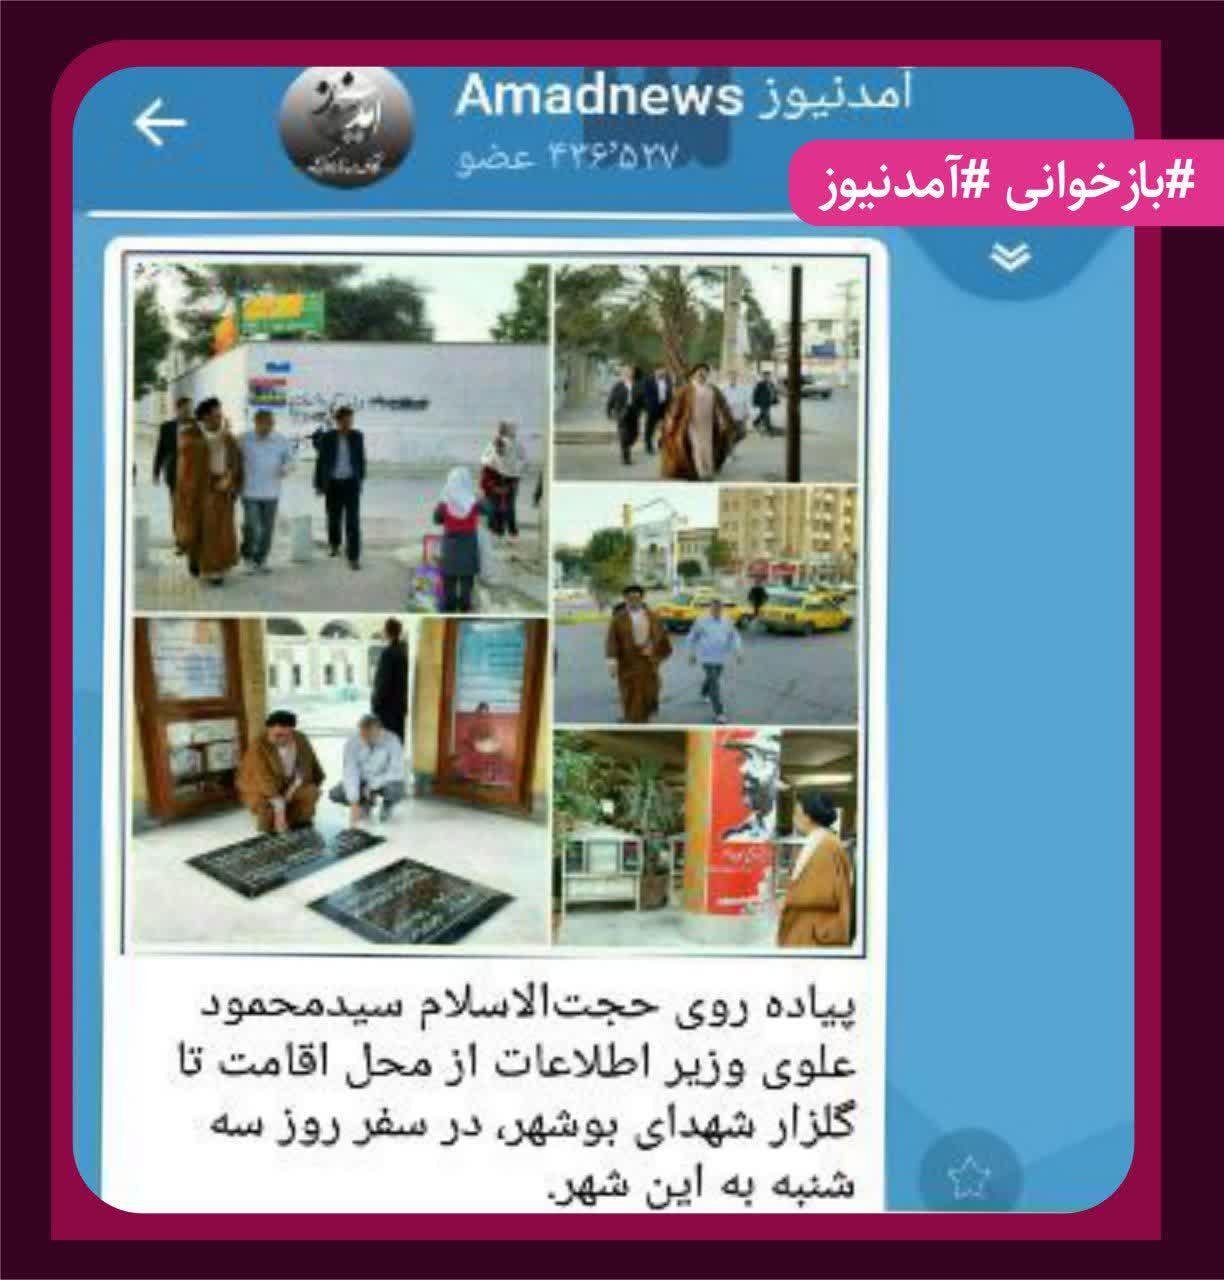 amadnews%20%2813%29 شکایت وزیر اطلاعات از حسن عباسی به بهانه بیان ارتباط و رابطه آمدنیوز و همچنين وزیر اطلاعات + اسناد